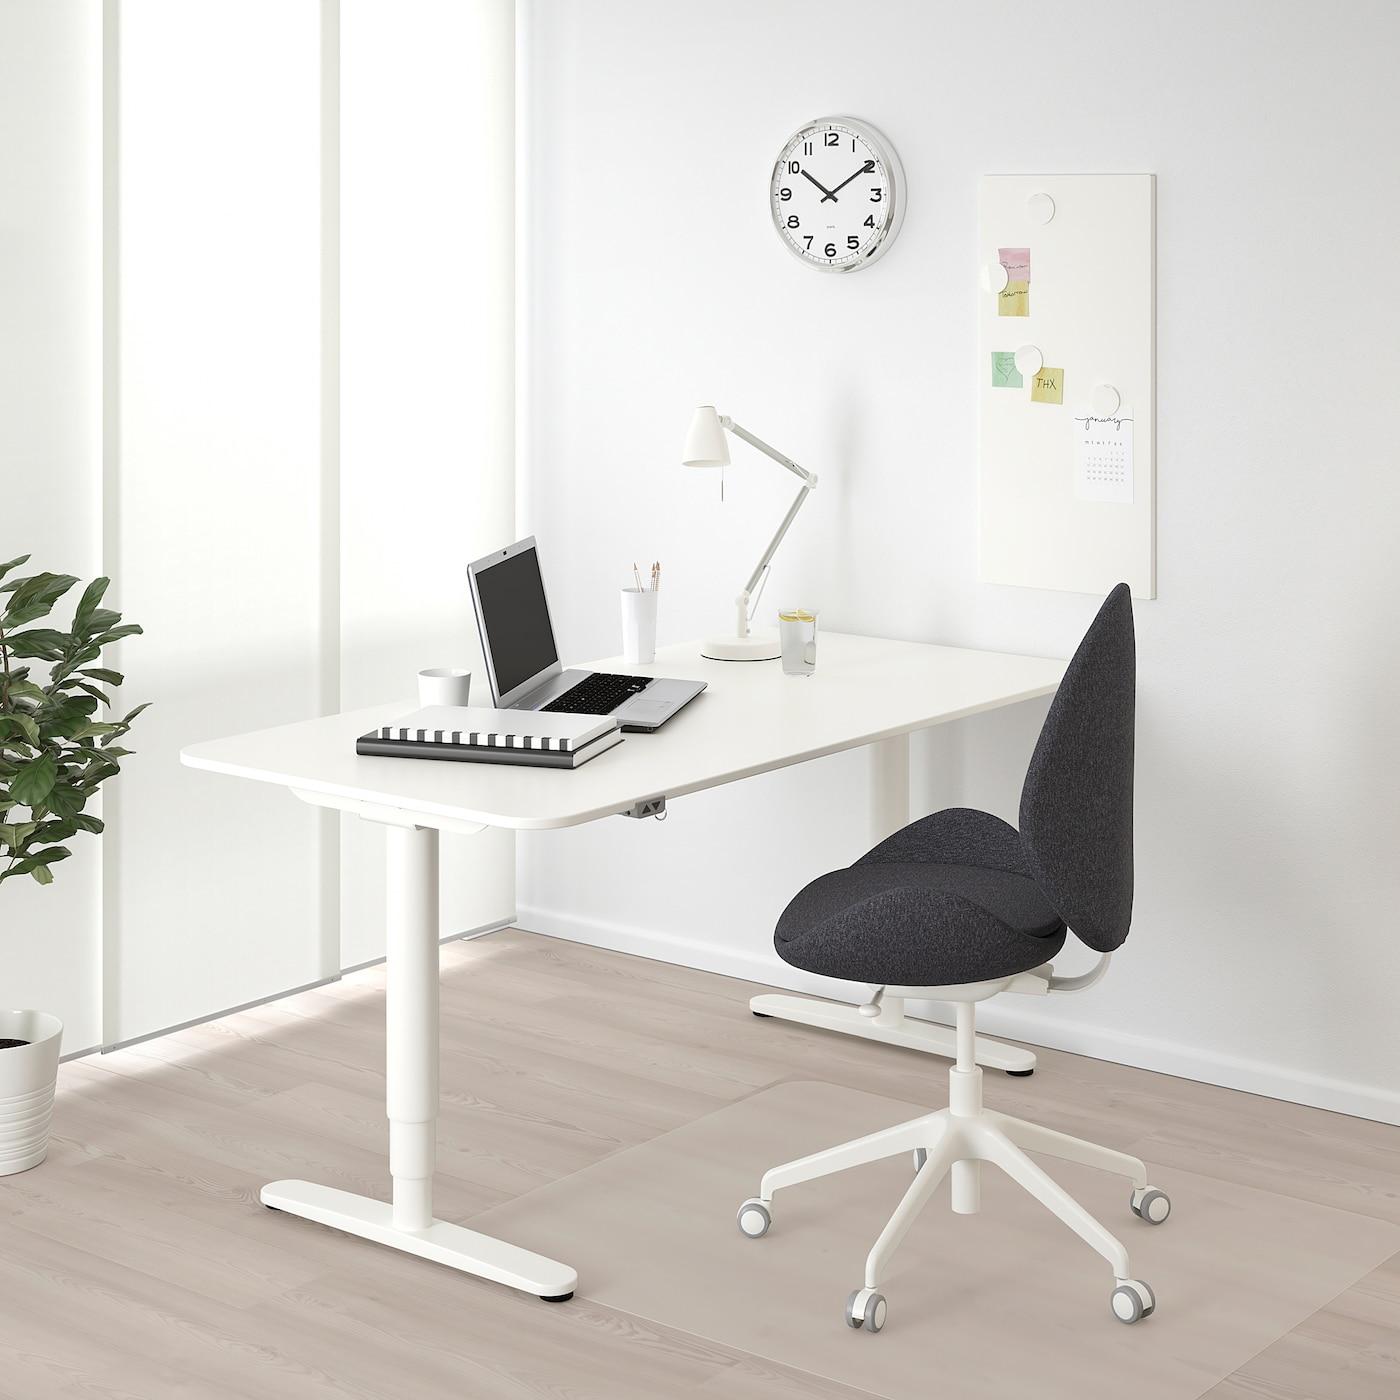 Bekant Schreibtisch Sitz Steh Weiss Ikea Deutschland